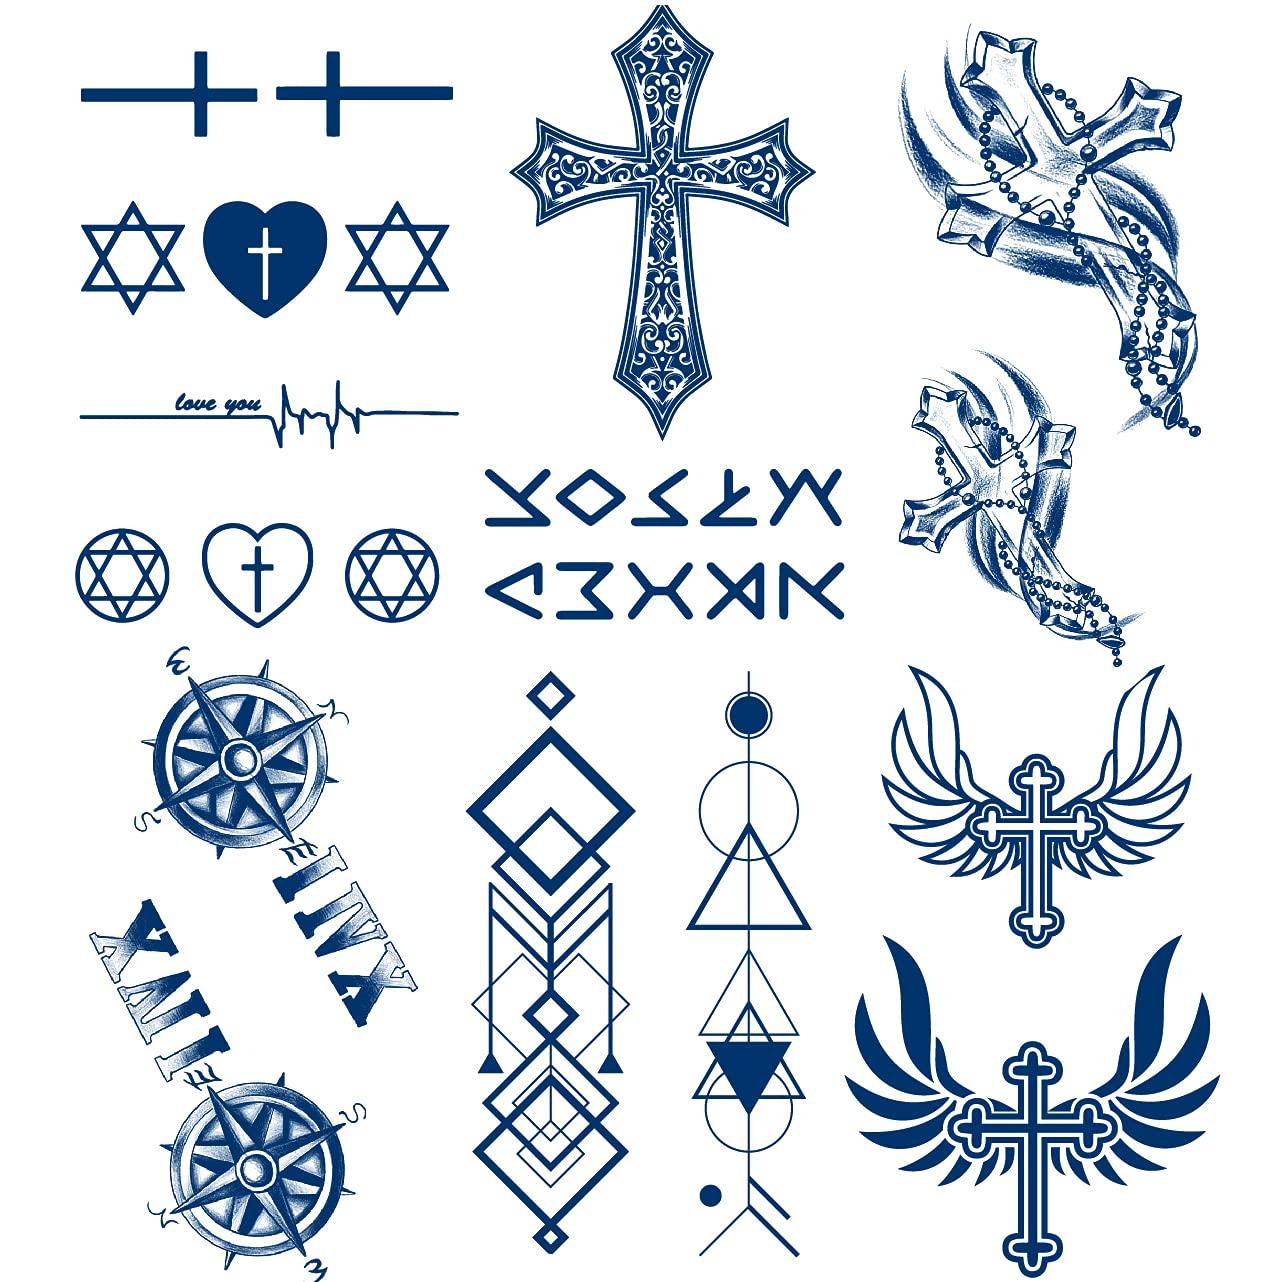 Cheap mail order shopping Max 47% OFF 6 Sheets PADOUN Long Lasting Temporary Cross Tattoos Waterproof